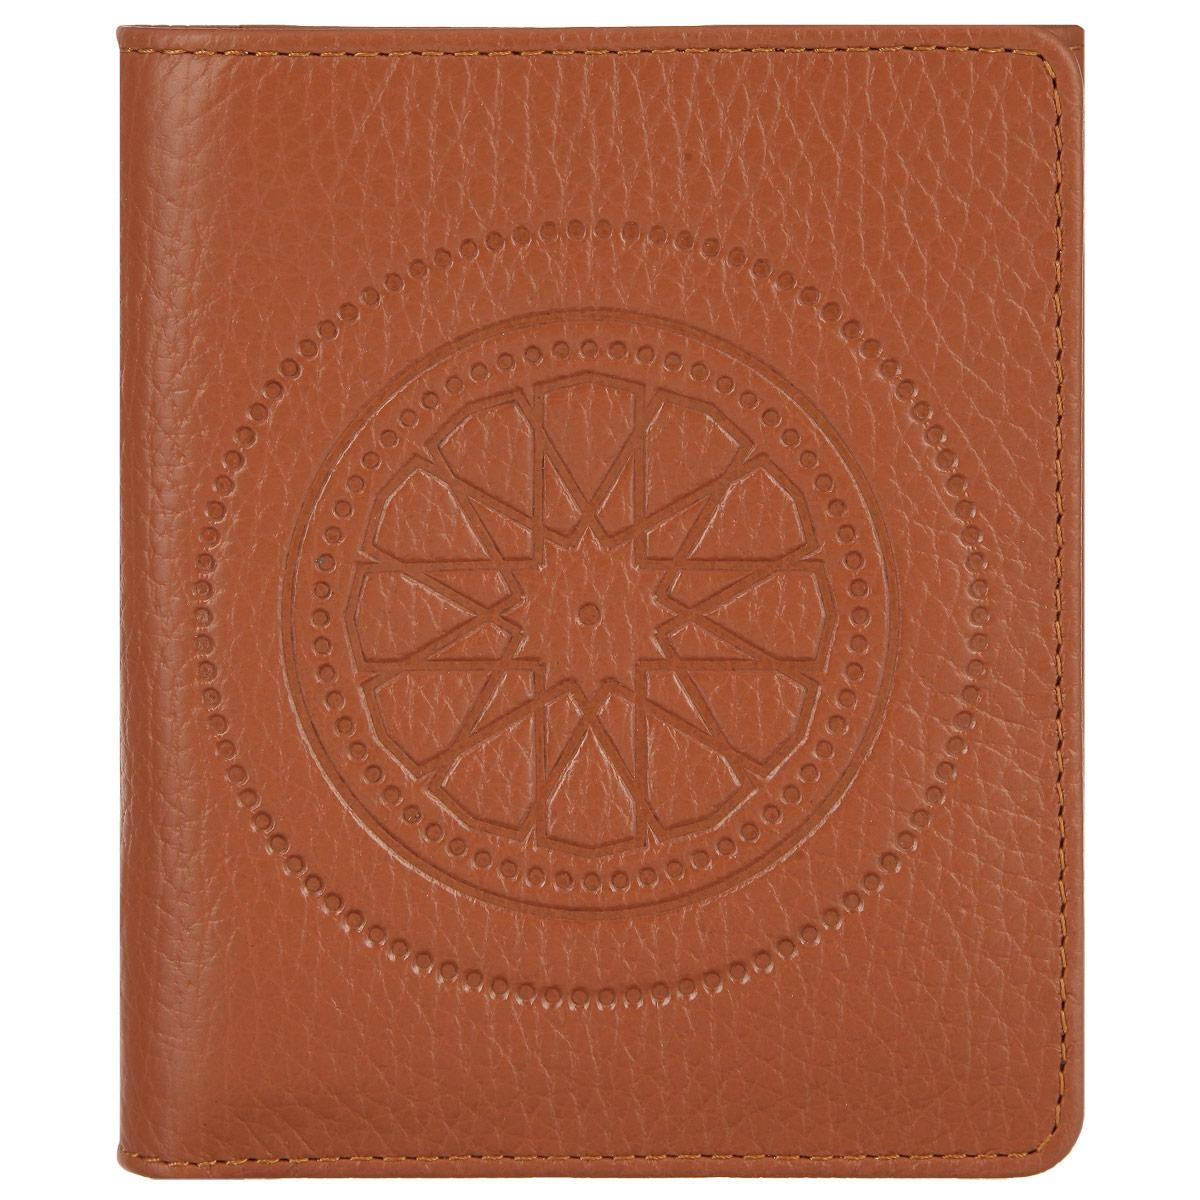 Кошелек женский Fabula Talisman, цвет: рыжий. PJ.107.SNBM8434-58AEСтильный женский кошелек Fabula Talisman выполнен из натуральной кожи с зернистой текстурой, оформлен декоративным тиснением. Кошелек закрывается на кнопку, внутри расположены: два отделения для купюр, шесть накладных карманов для пластиковых карт или визиток. Снаружи расположен карман для мелочи на кнопке.Такой кошелек станет прекрасным и стильным подарком человеку, любящему оригинальные и практичные вещи.